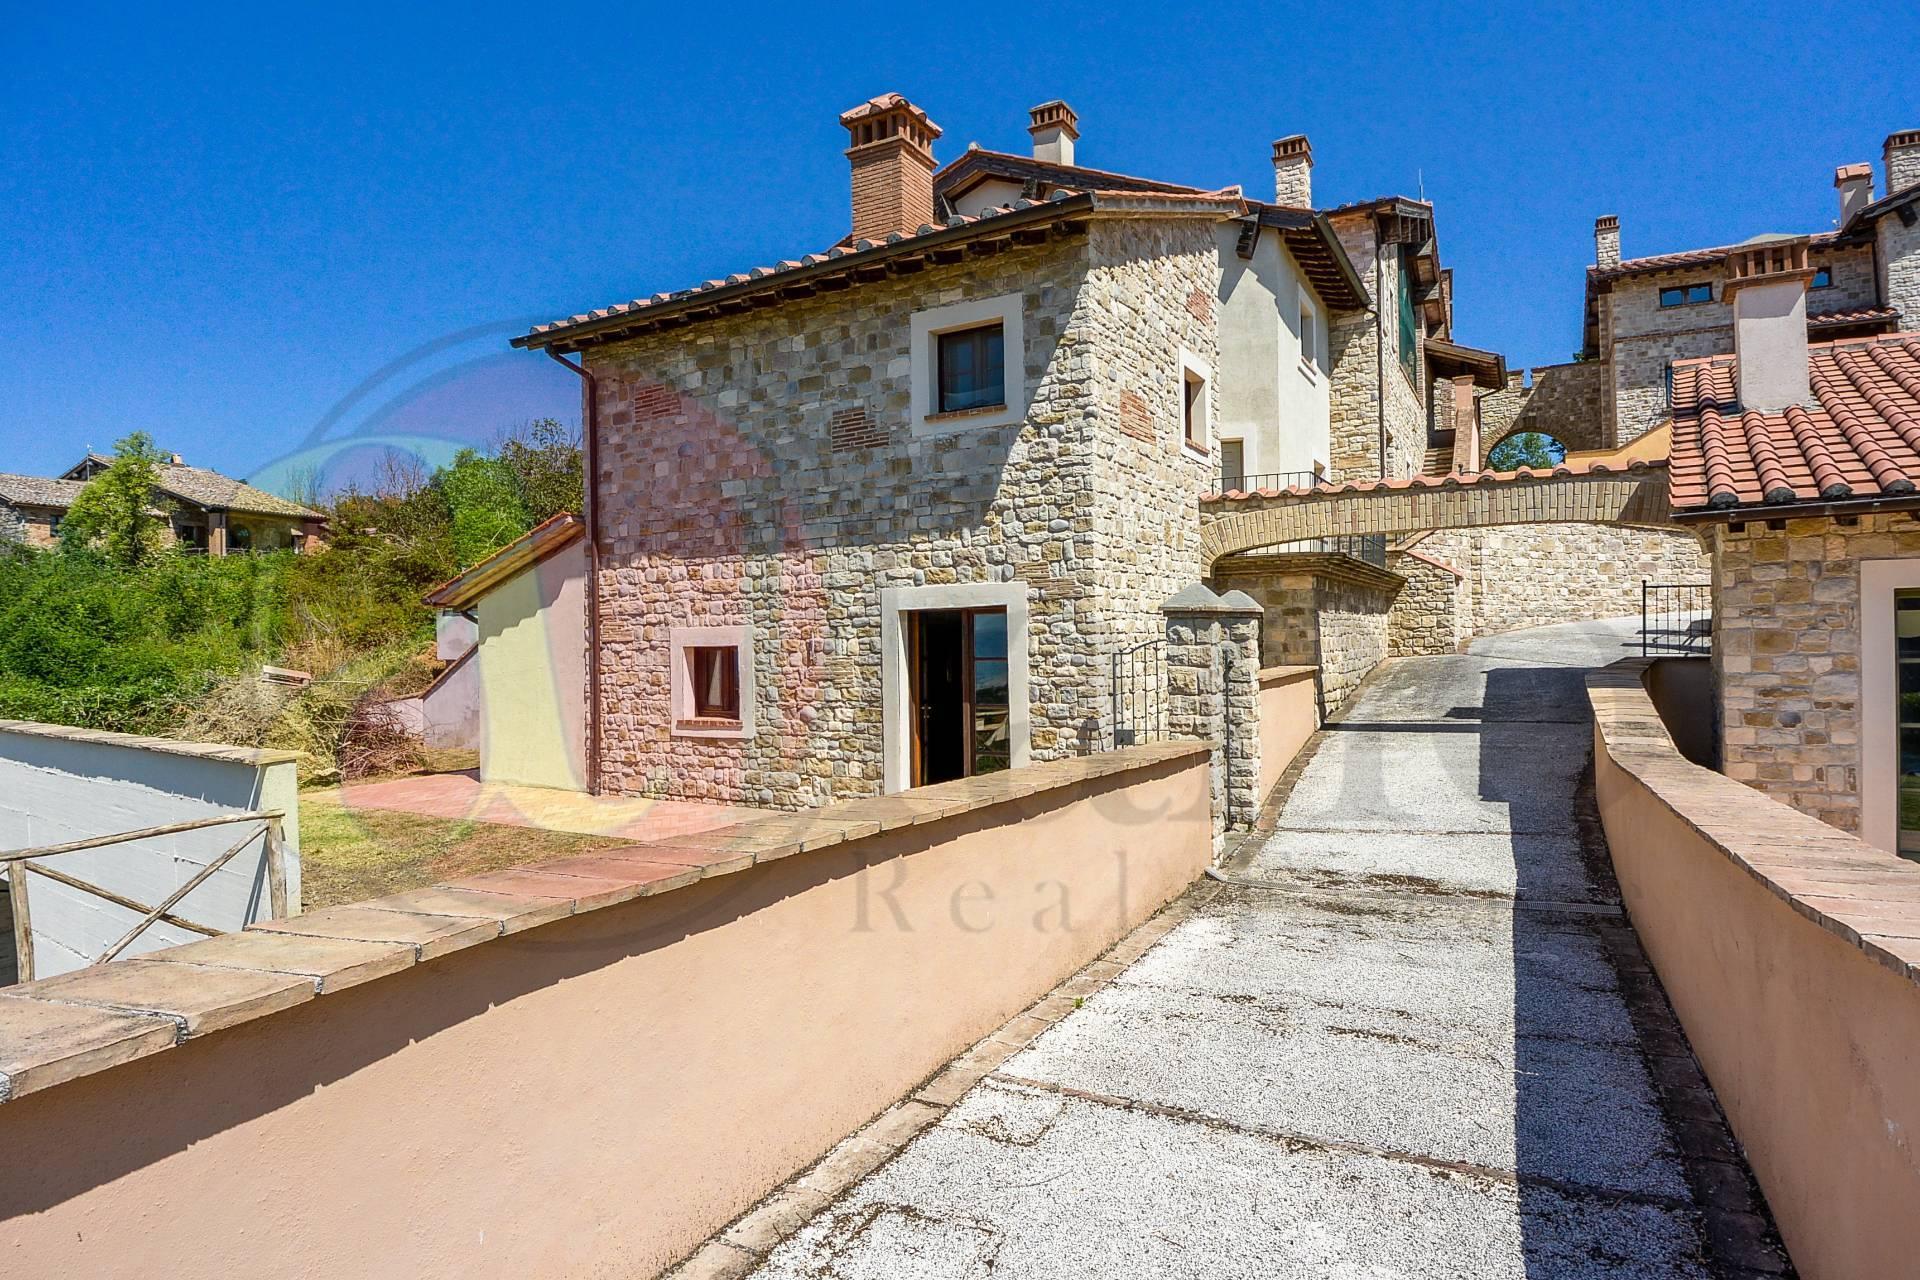 Appartamento in vendita a Ficulle, 8 locali, prezzo € 160.000 | PortaleAgenzieImmobiliari.it